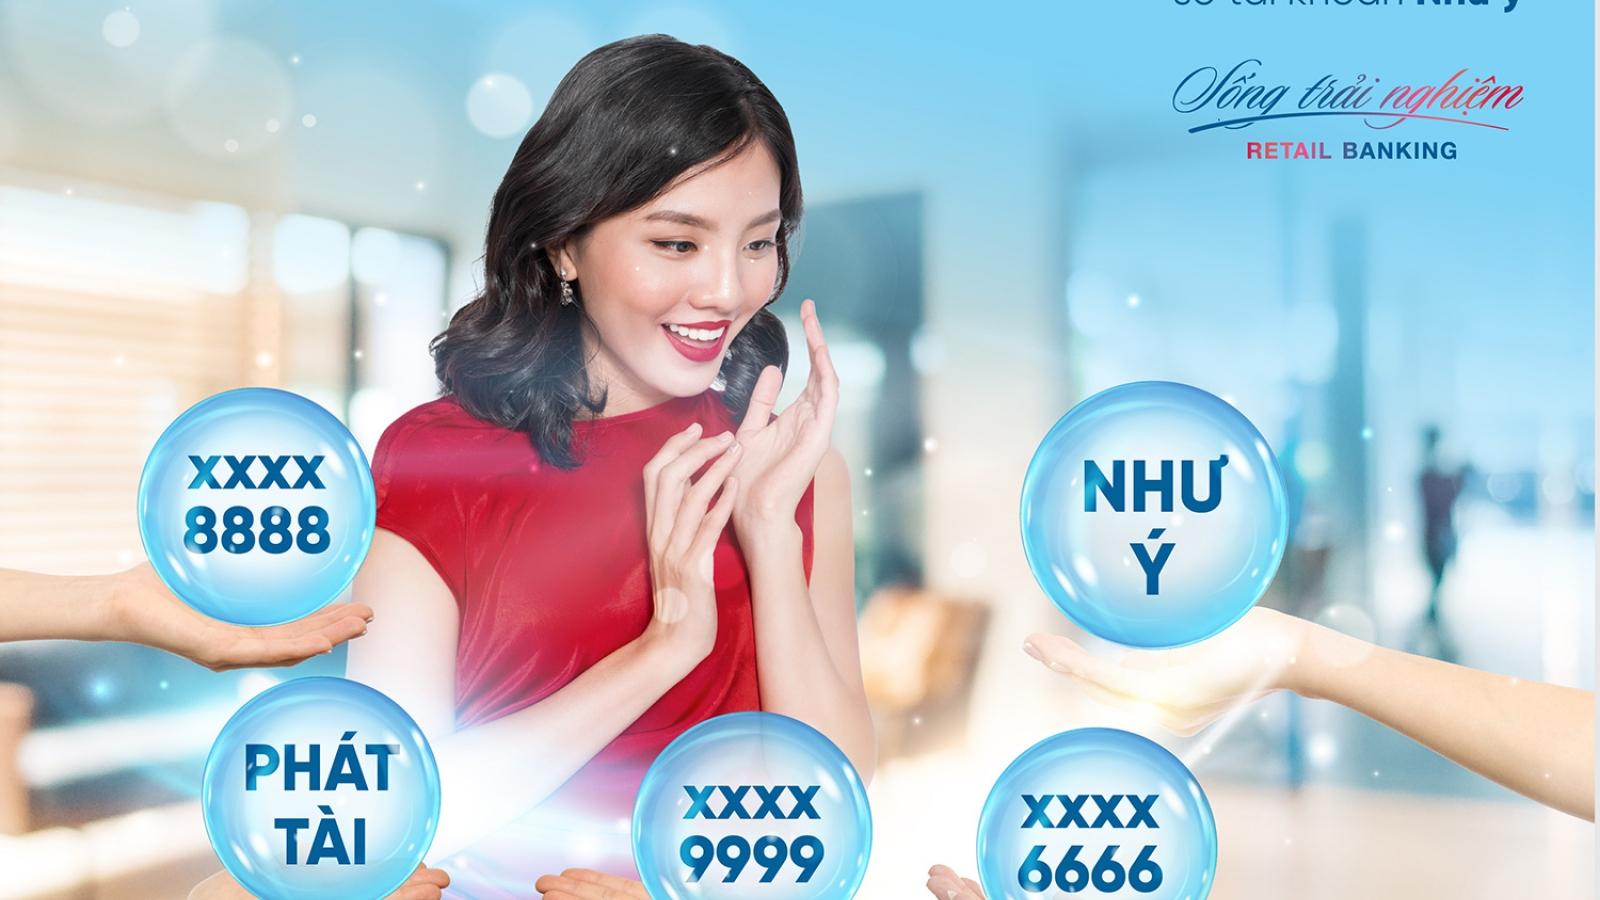 """""""Tài khoản như ý - Lộc tài phú quý"""" cùng VietinBank"""